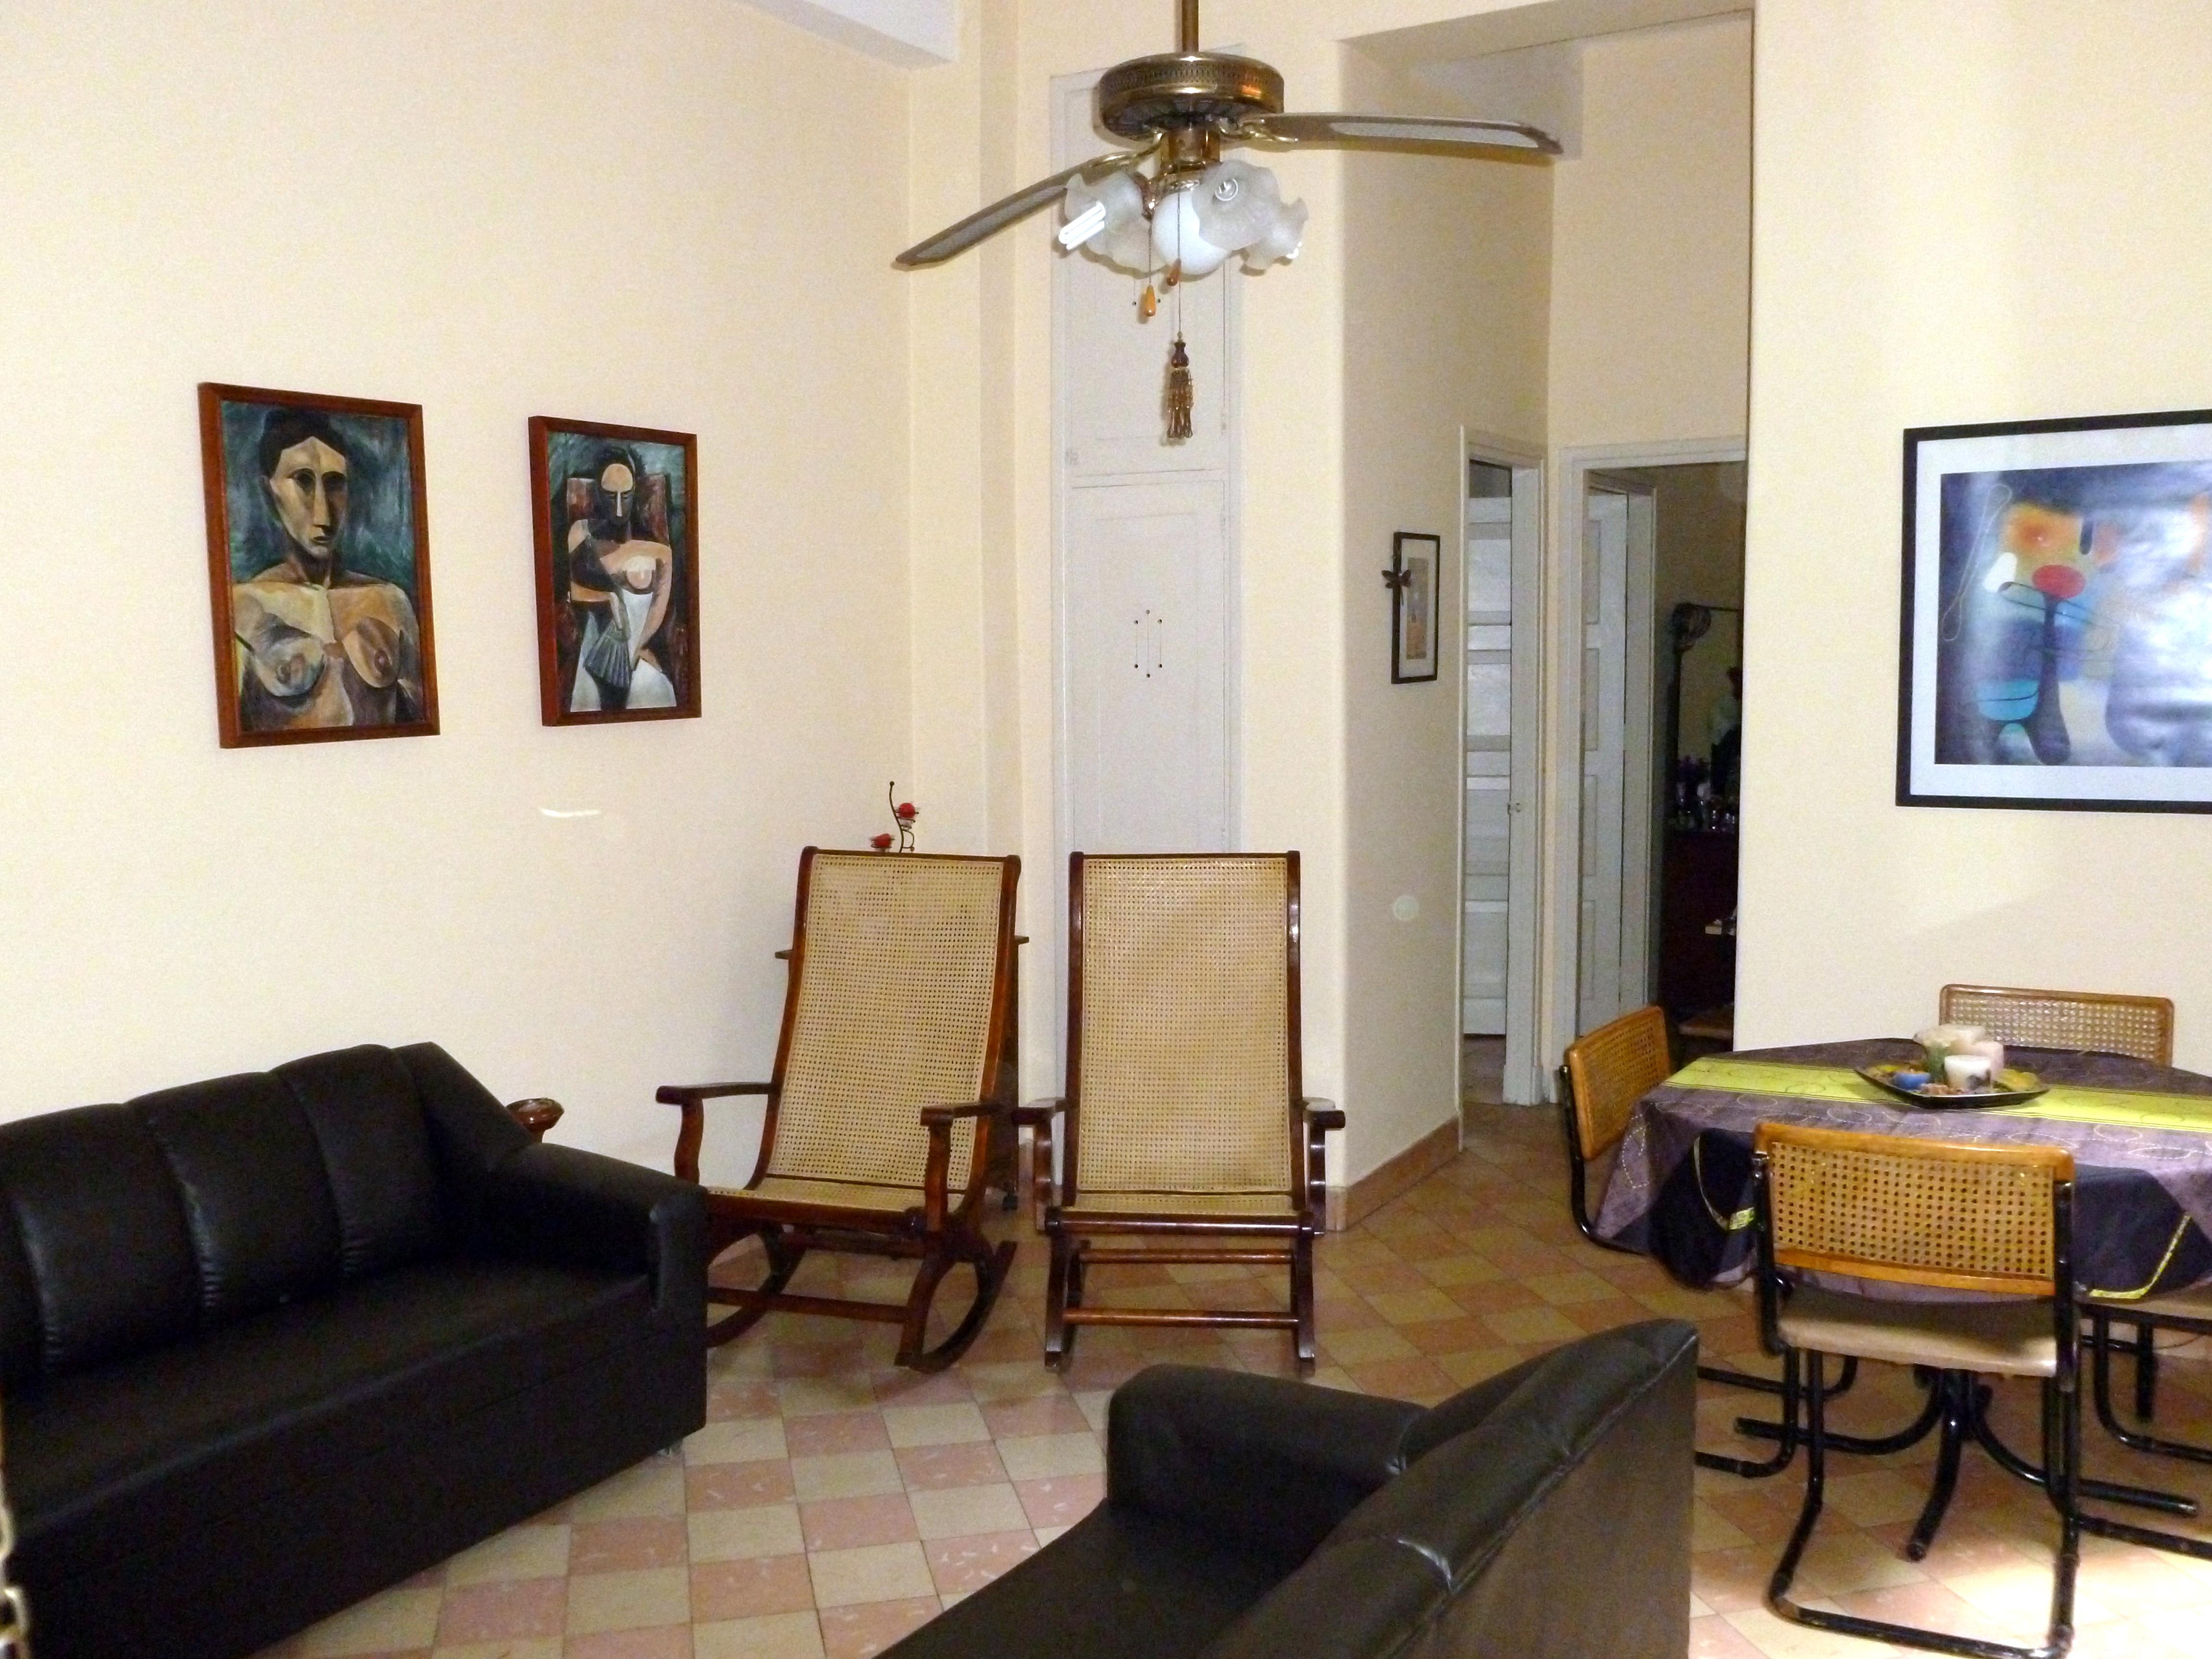 Venta 2 habitaciones habana la habana cuba amistad for Portales inmobiliarios barcelona